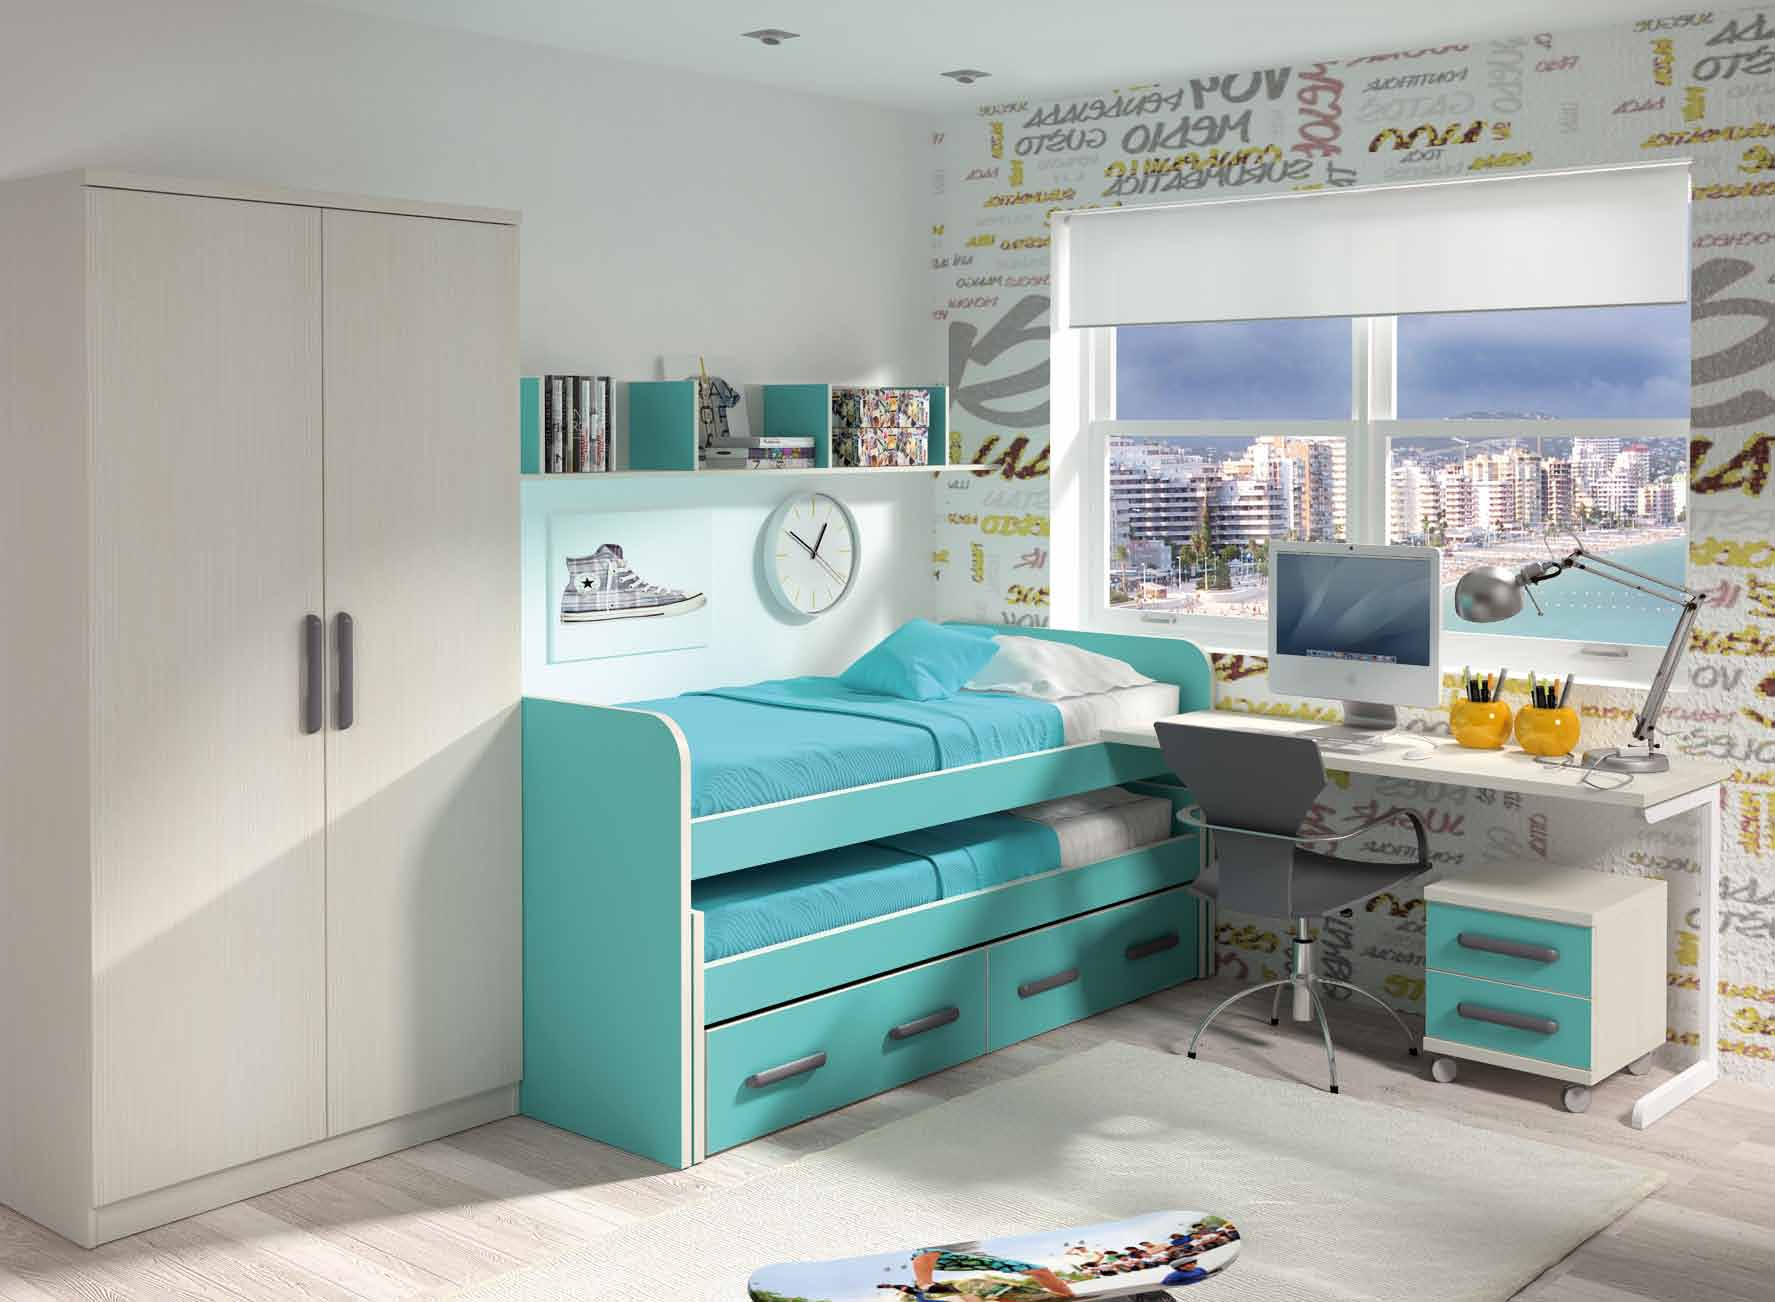 Cama desplazable abierta dormitorio juvenil muebles for Cama abierta